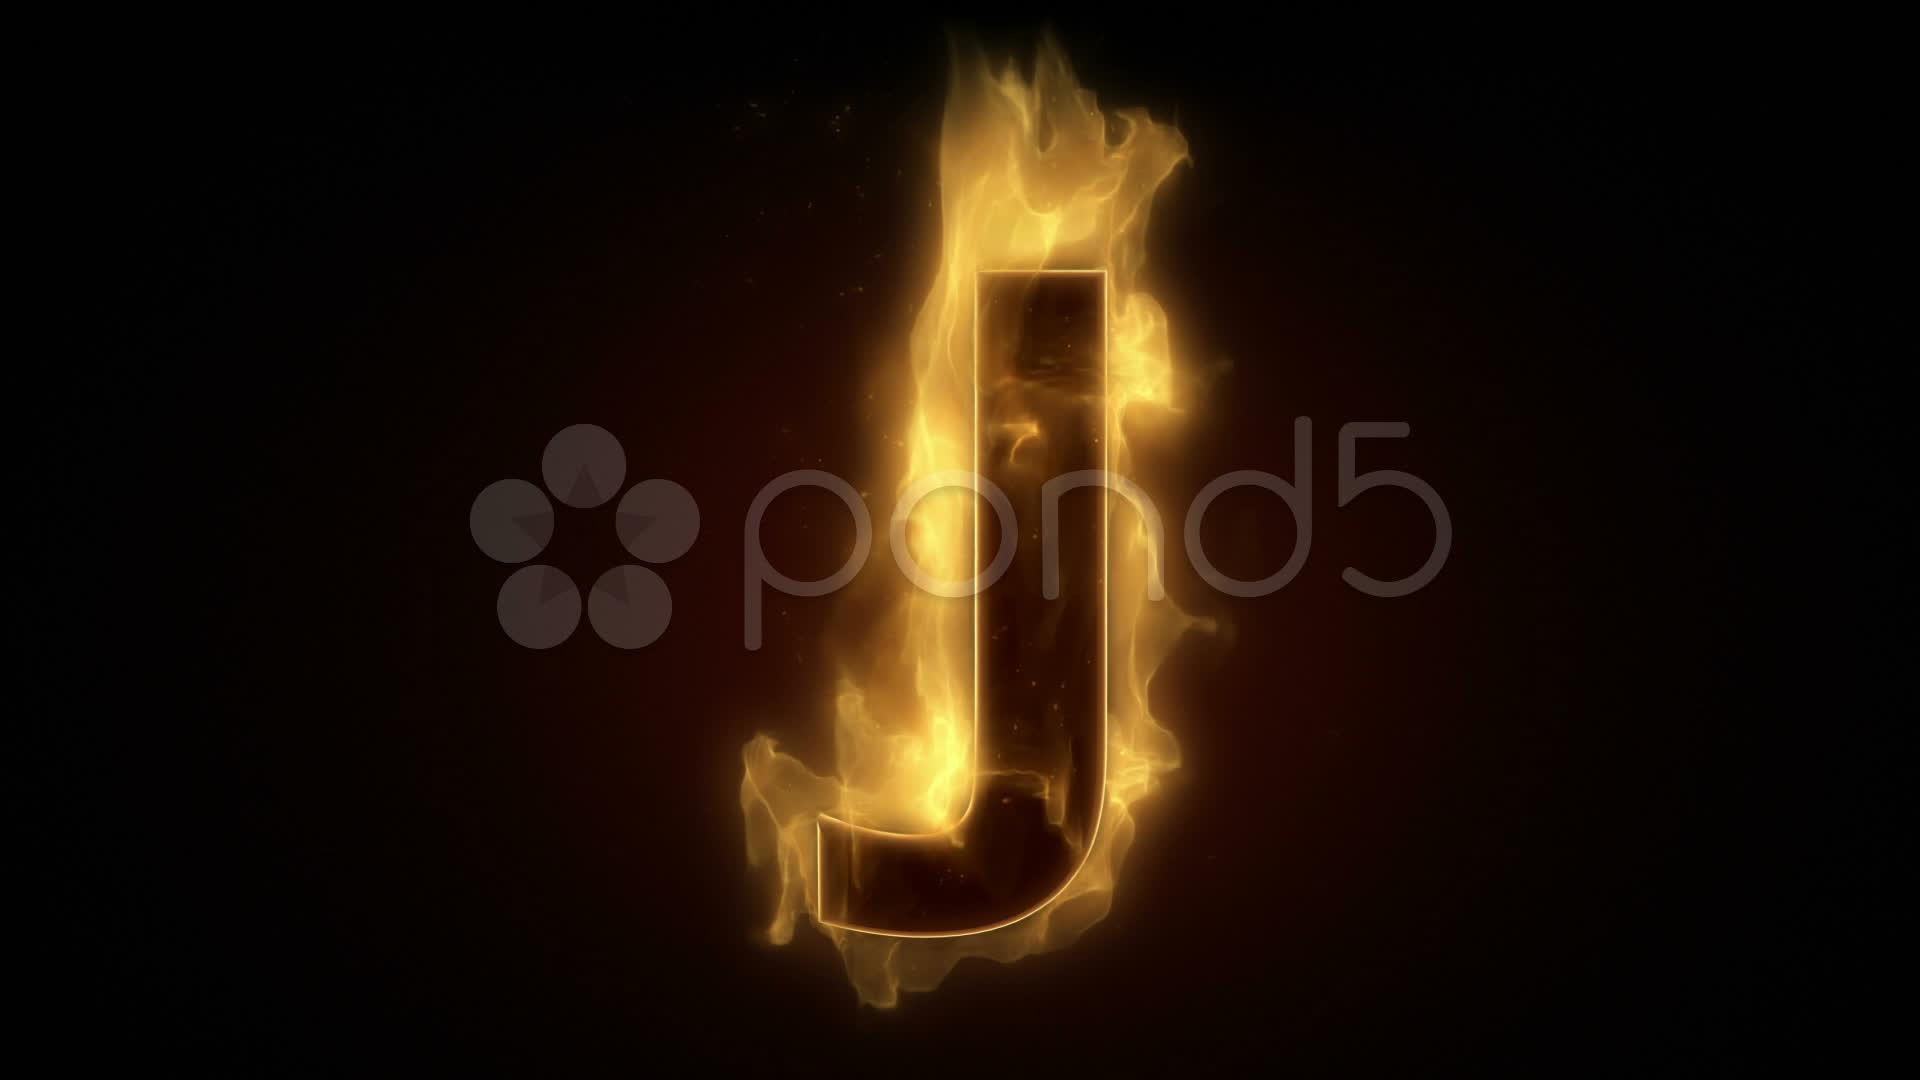 Hd Wallpaper Letter N: Burning Letter Wallpaper